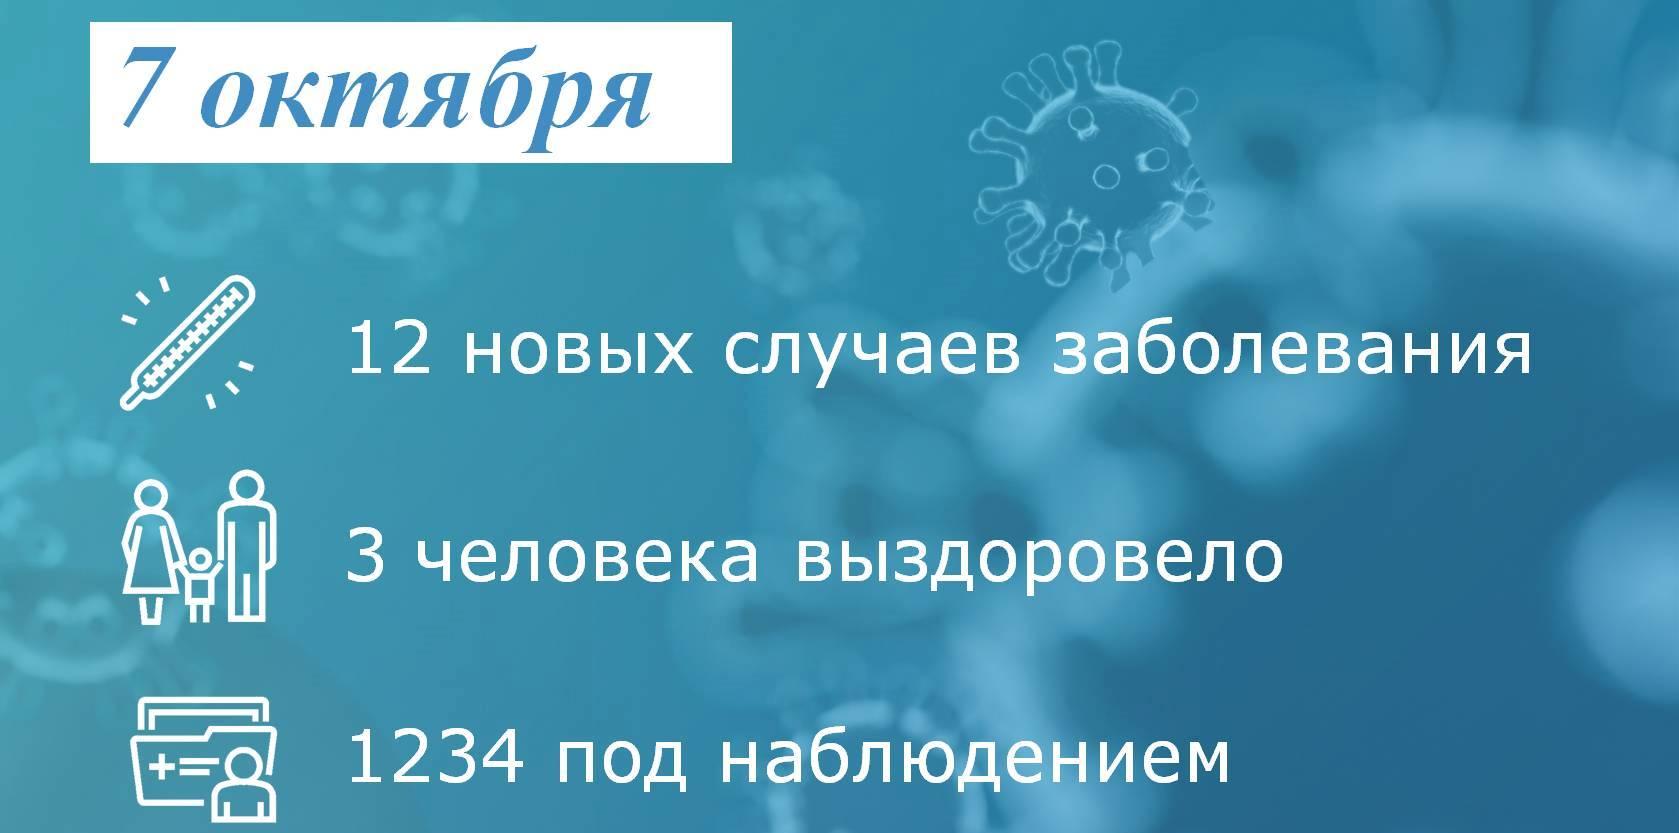 Коронавирус: в Таганроге заболели 12 человек